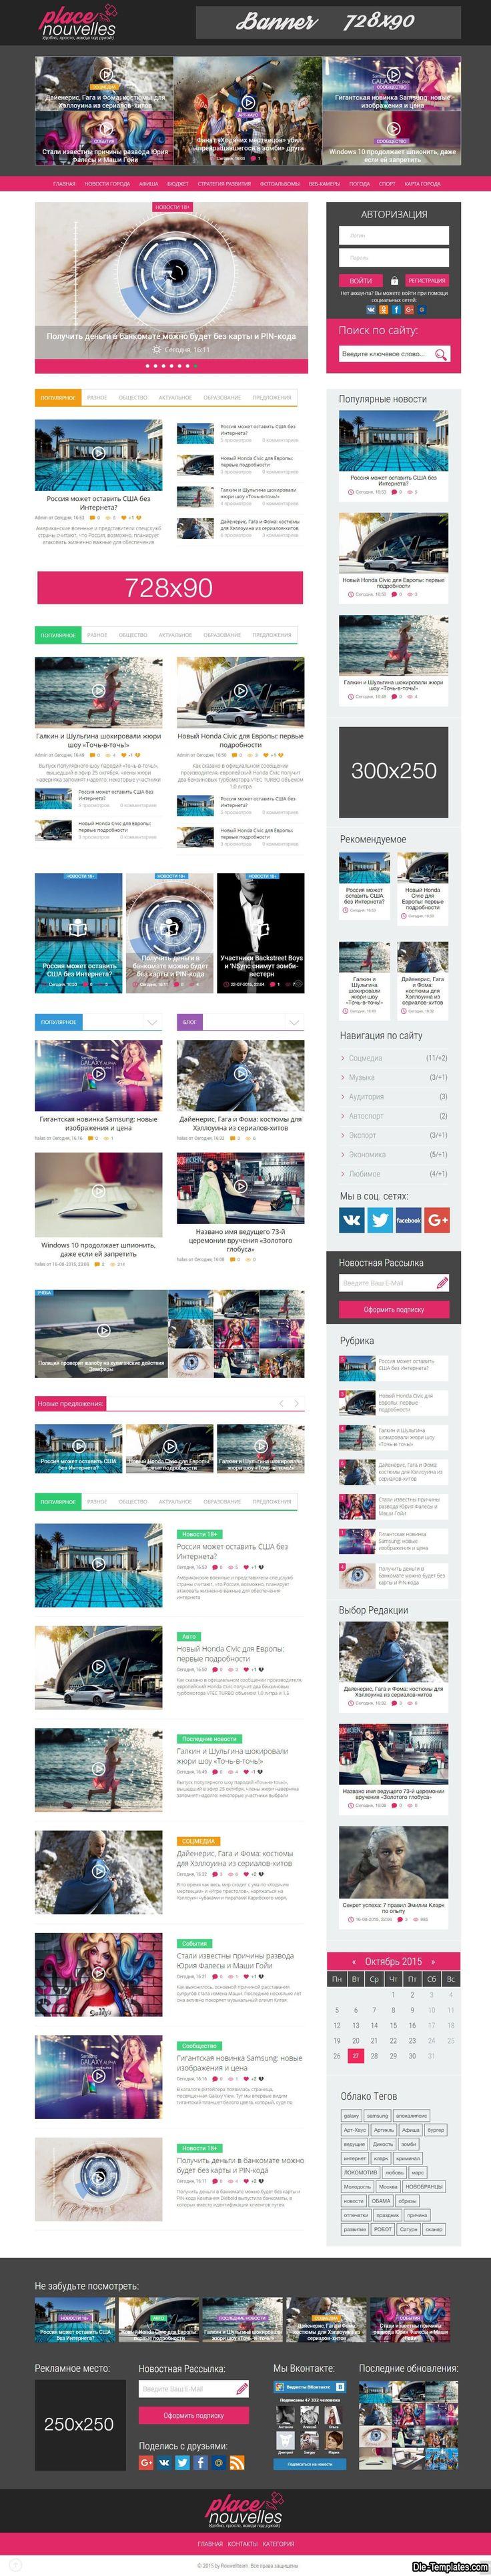 Place Nouvelles - адаптивный журнальный шаблон для DLE #templates #website #шаблон #сайт #web